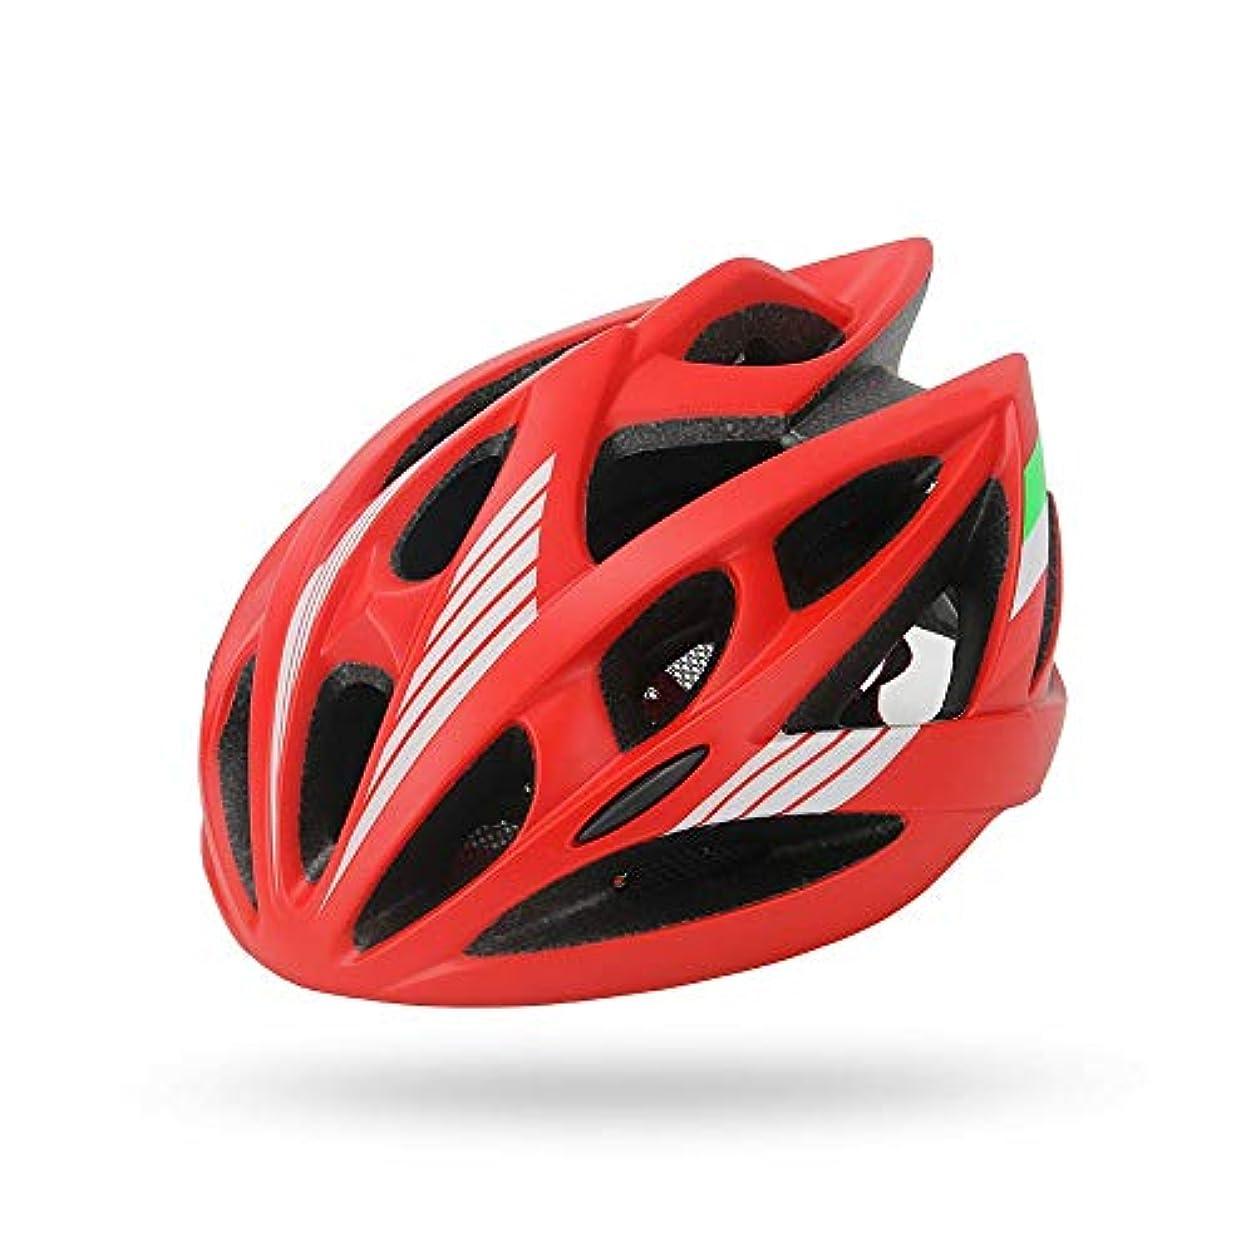 シャーロットブロンテ第五残り物Safety 自転車乗馬用ヘルメット男性と女性スケートヘルメットワンピースアウトドアスポーツ用ヘルメット換気用ヘルメット (色 : Red)